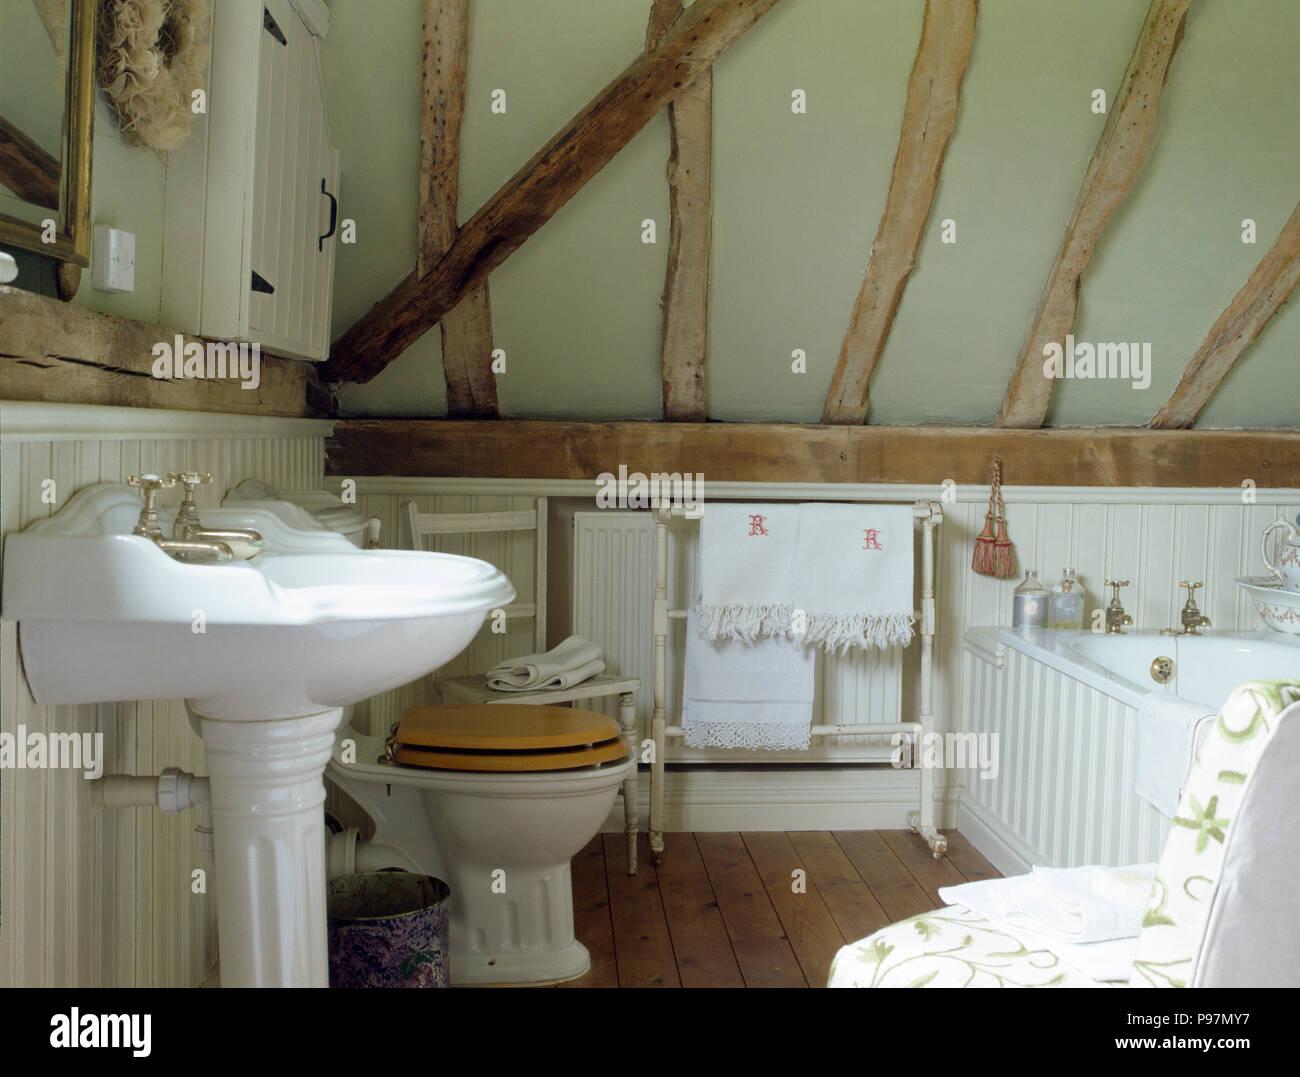 Bagno Legno Bianco : Piedistallo bianco lavabo e wc con sedile in legno in un paese di